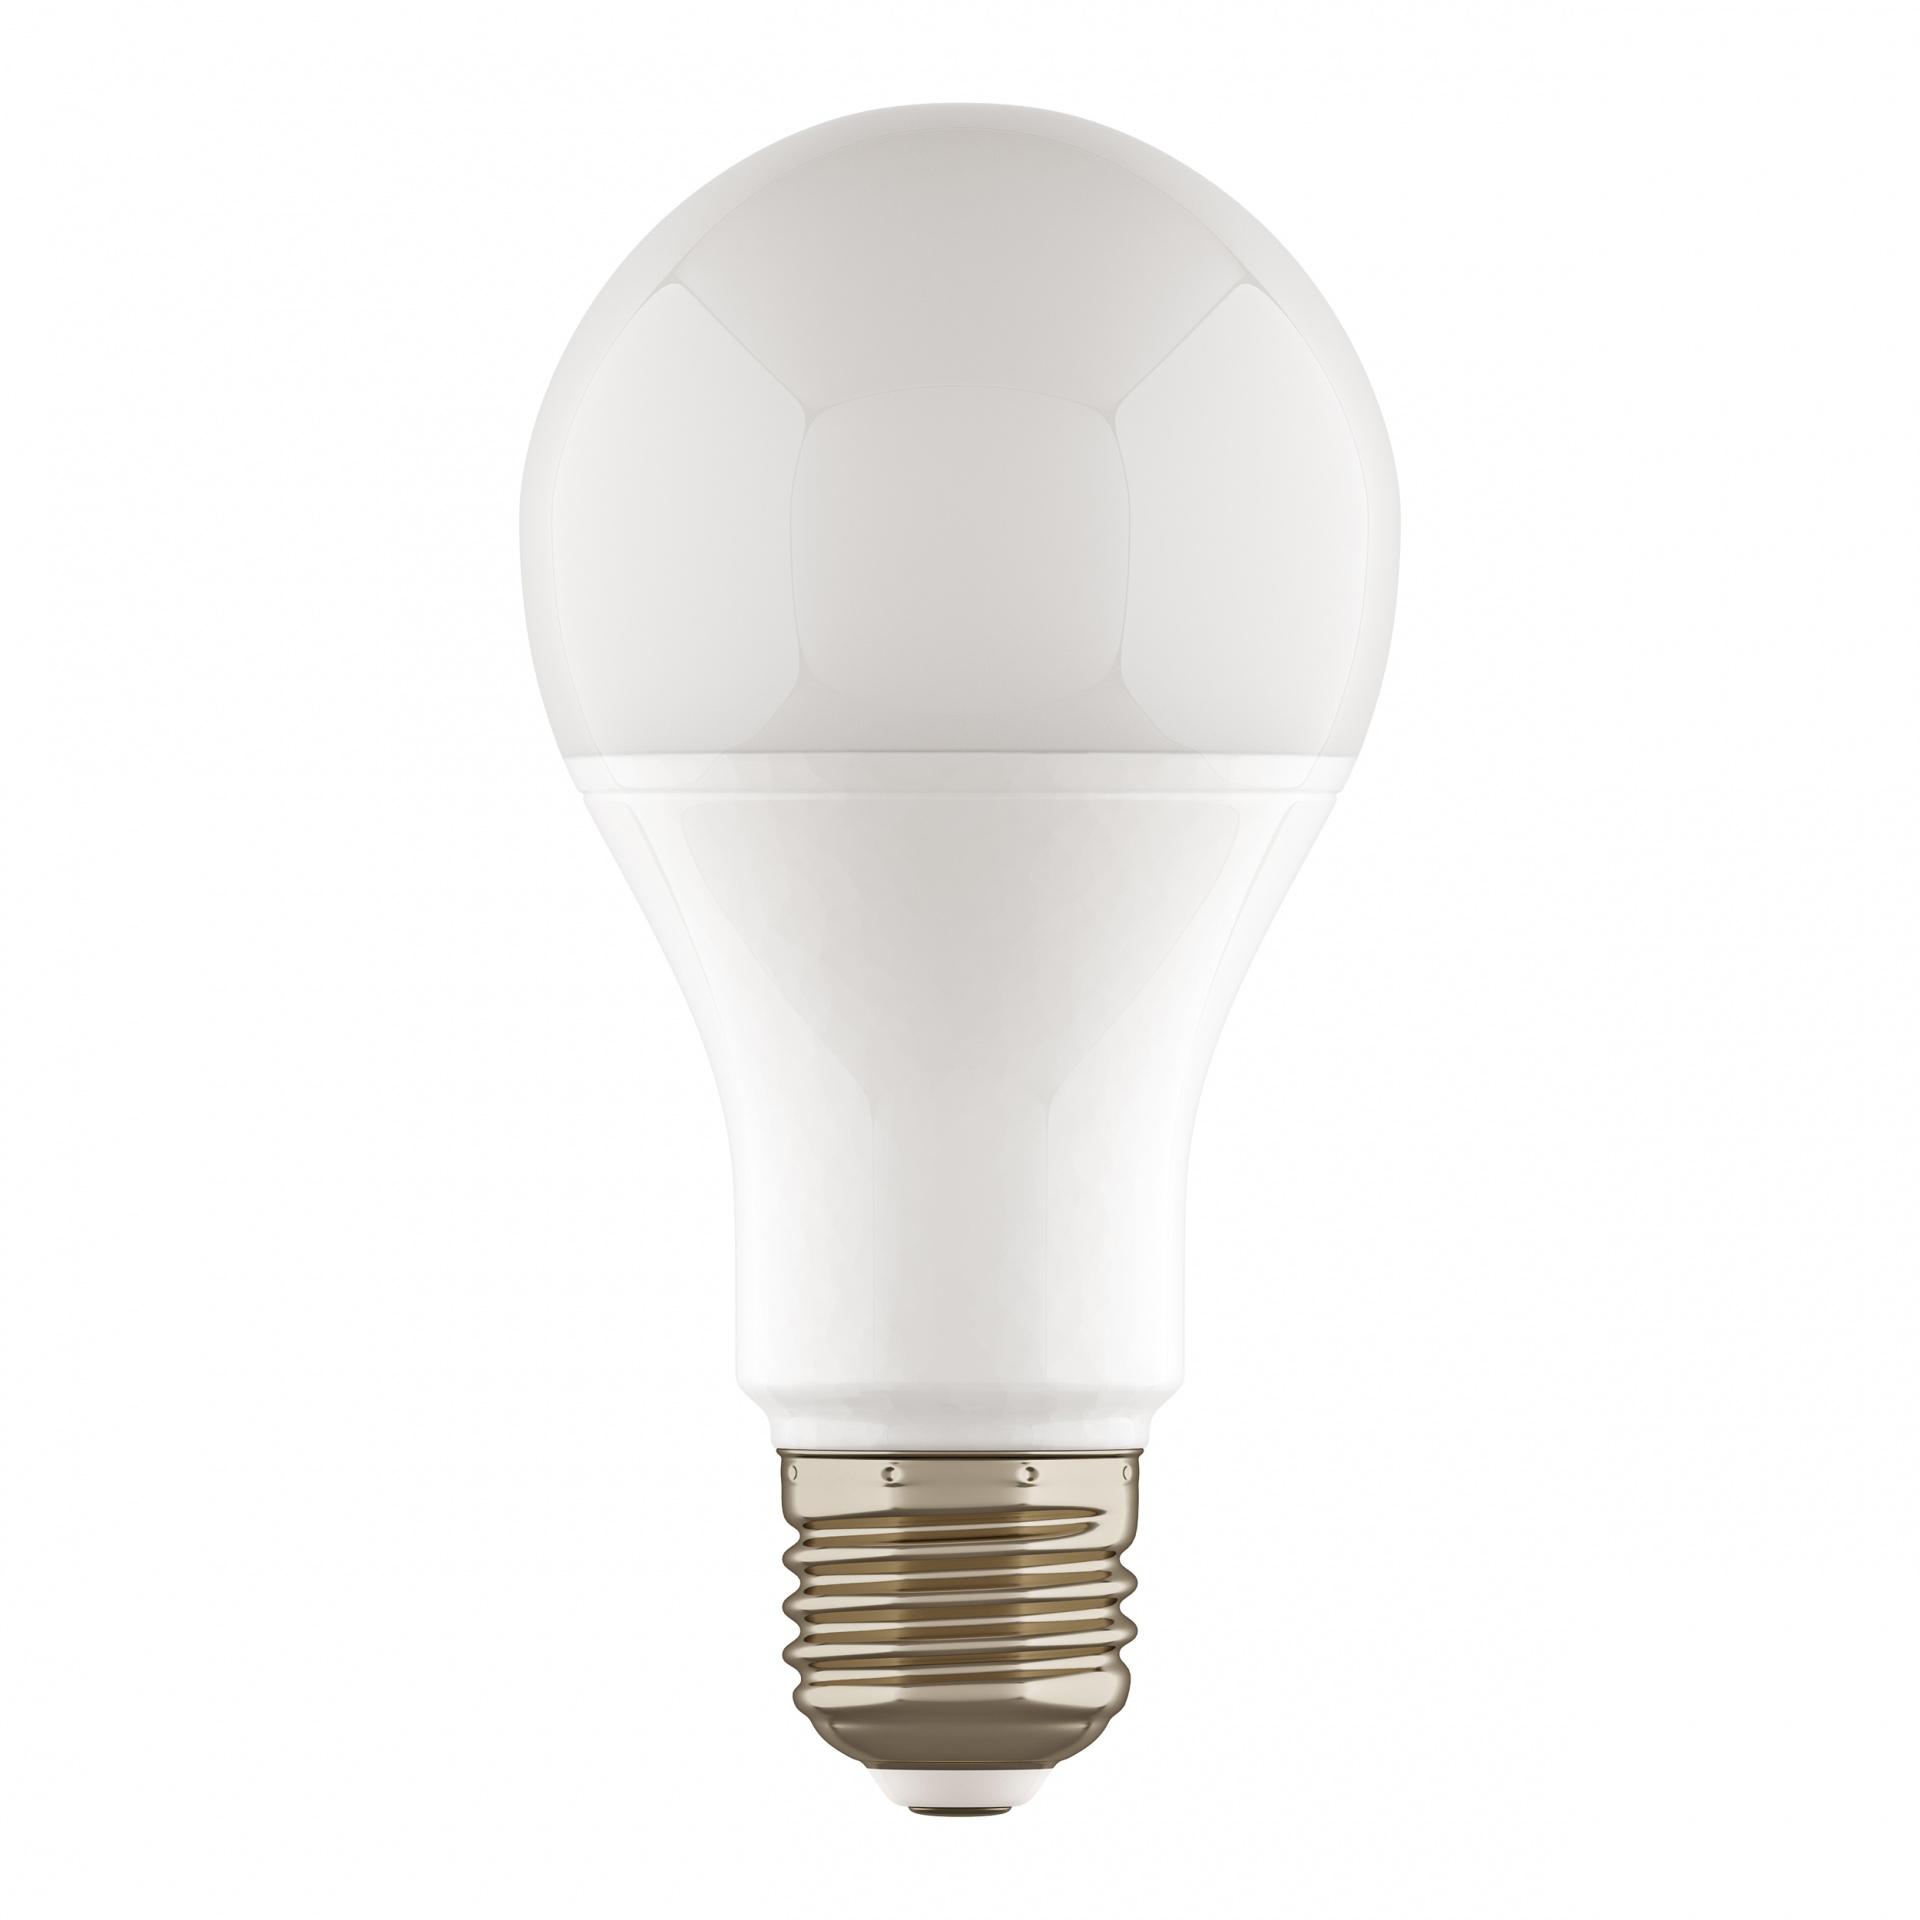 Лампа LED 220V A65 E27 12W=120W 950LM 180G FR 4000K 20000H Lightstar 930124, купить в СПб, Москве, с доставкой, Санкт-Петербург, интернет-магазин люстр и светильников Starlight, фото в жизни